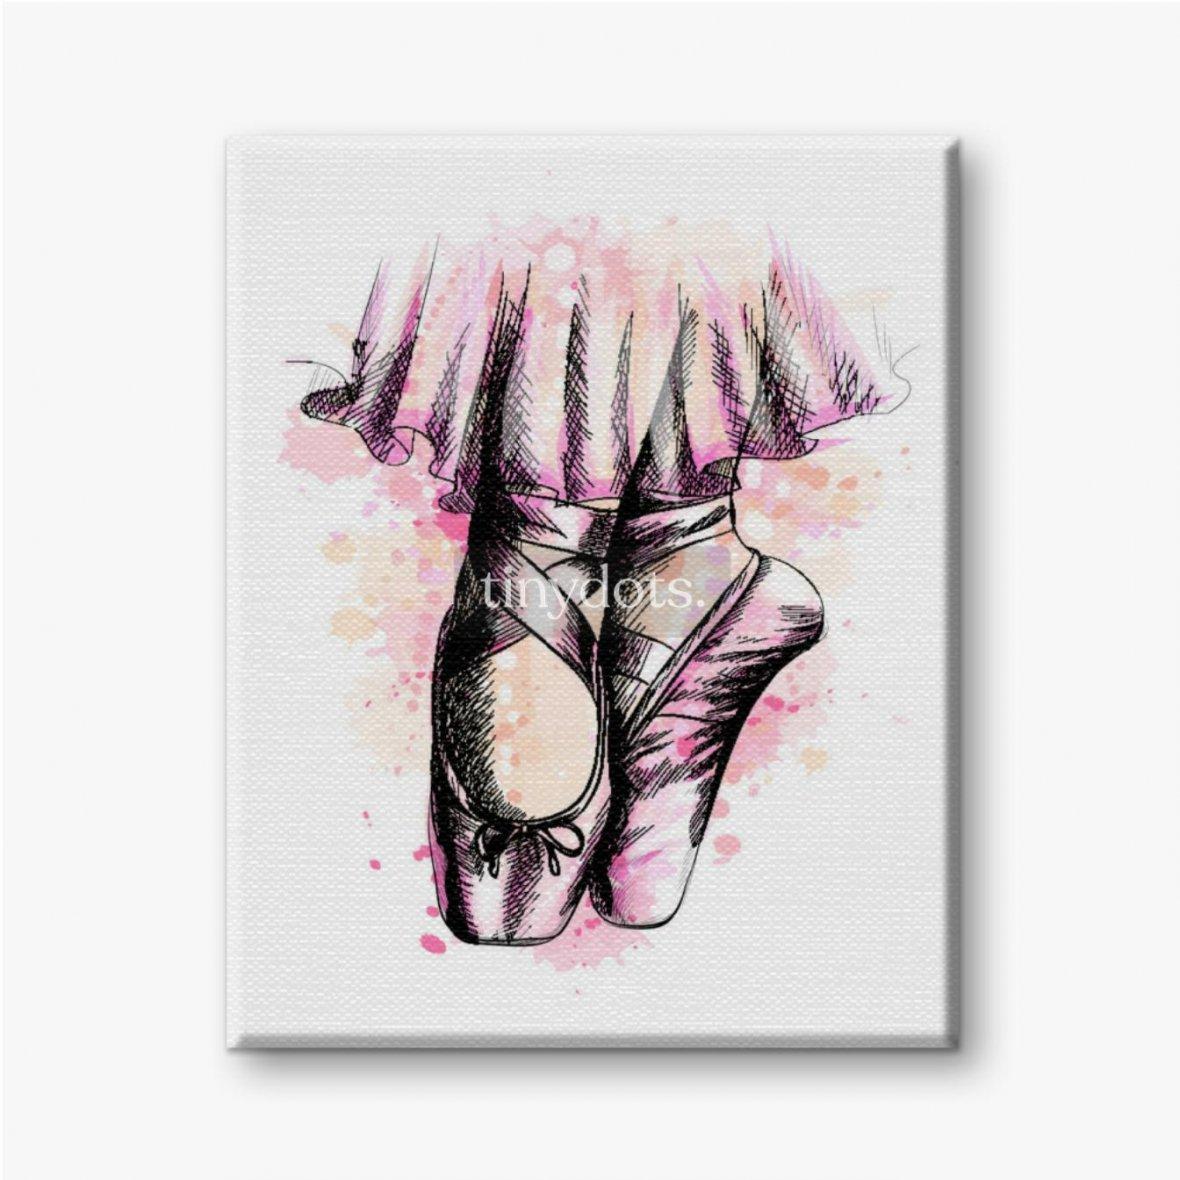 Leinwandbild Beine der Ballerina in Ballettschuhen aus einem Spritzer Aquarell